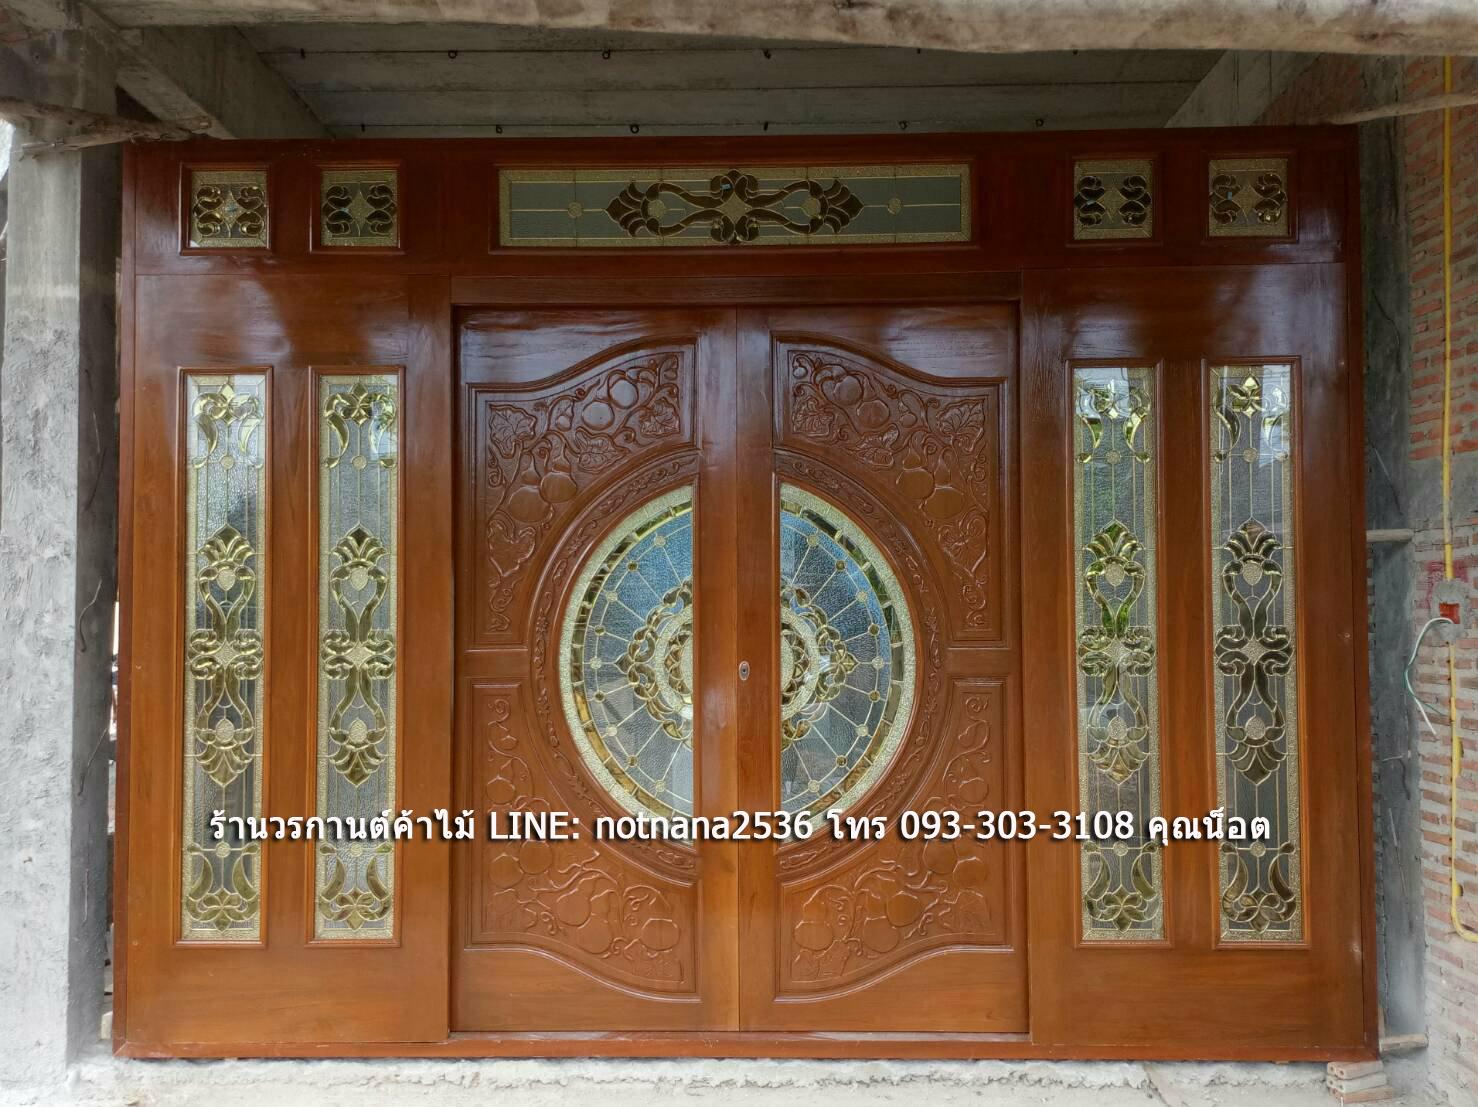 ประตูไม้สักกระจกนิรภัยแกะฟักทอง ชุด7ชิ้น รหัส AAA128